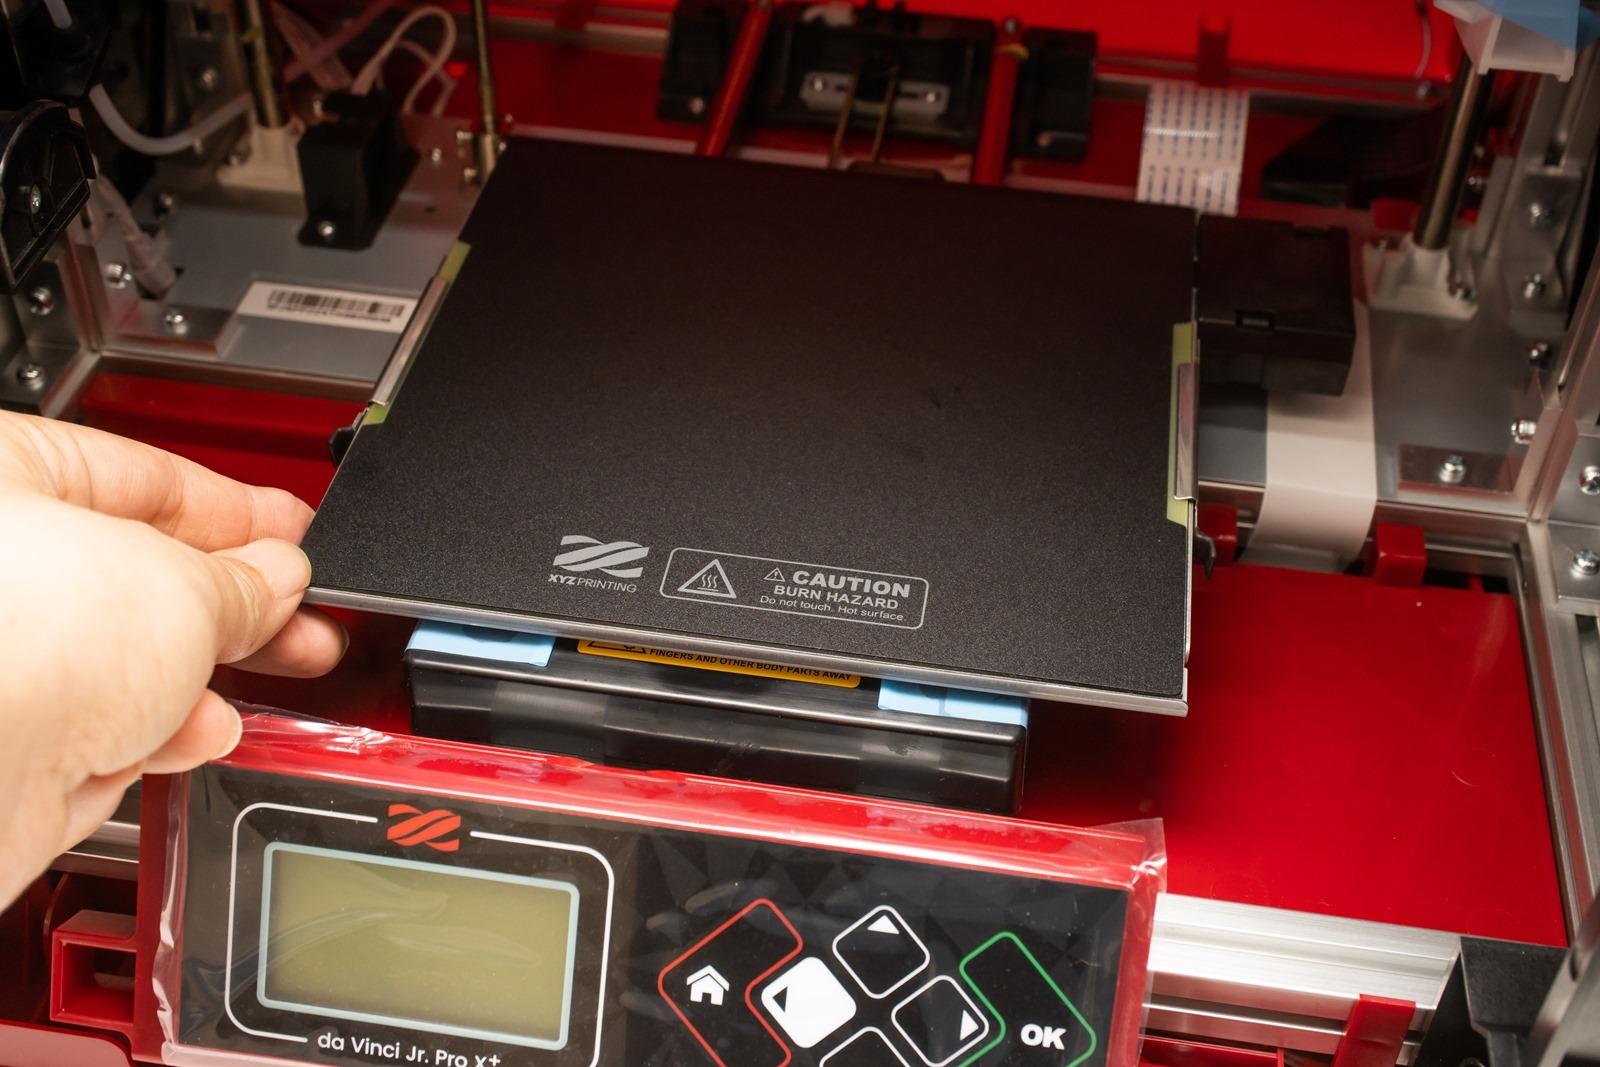 多功能3D列印機-da Vinci Jr. Pro X+,加熱式列印平台可讓列印平板維持在穩定的溫度,有效防止物件發生翹曲